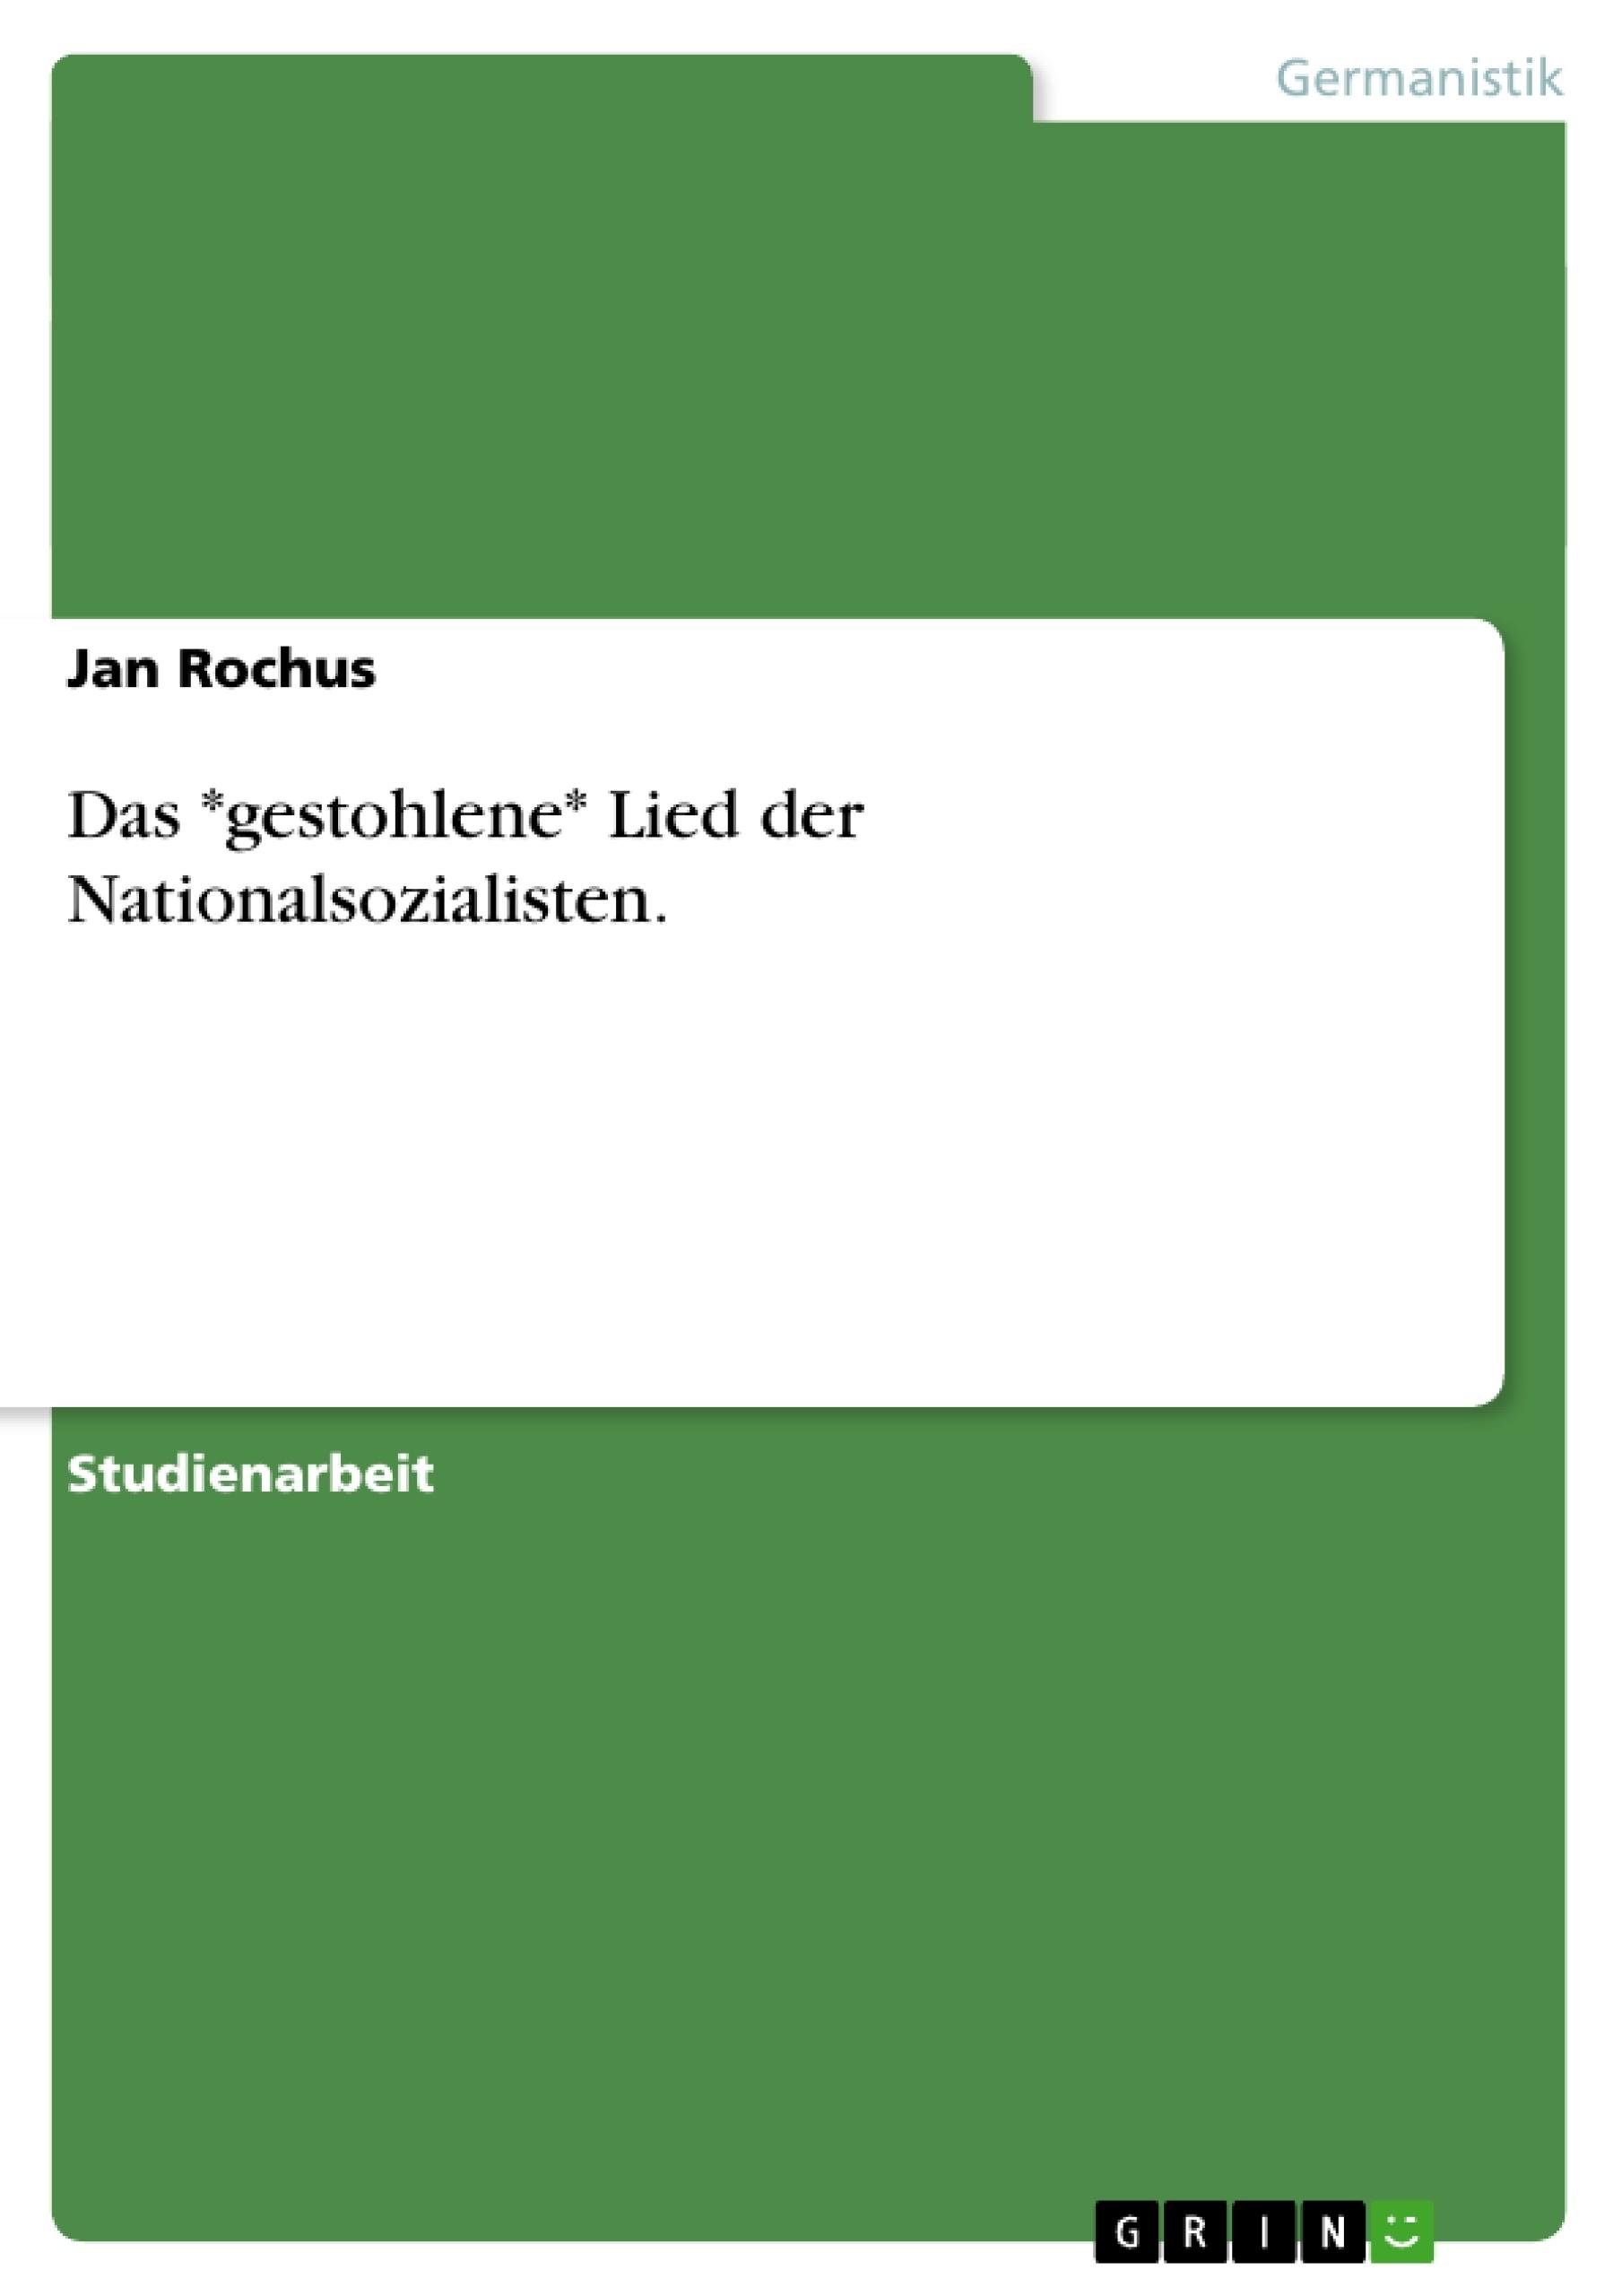 Titel: Das *gestohlene* Lied der Nationalsozialisten.